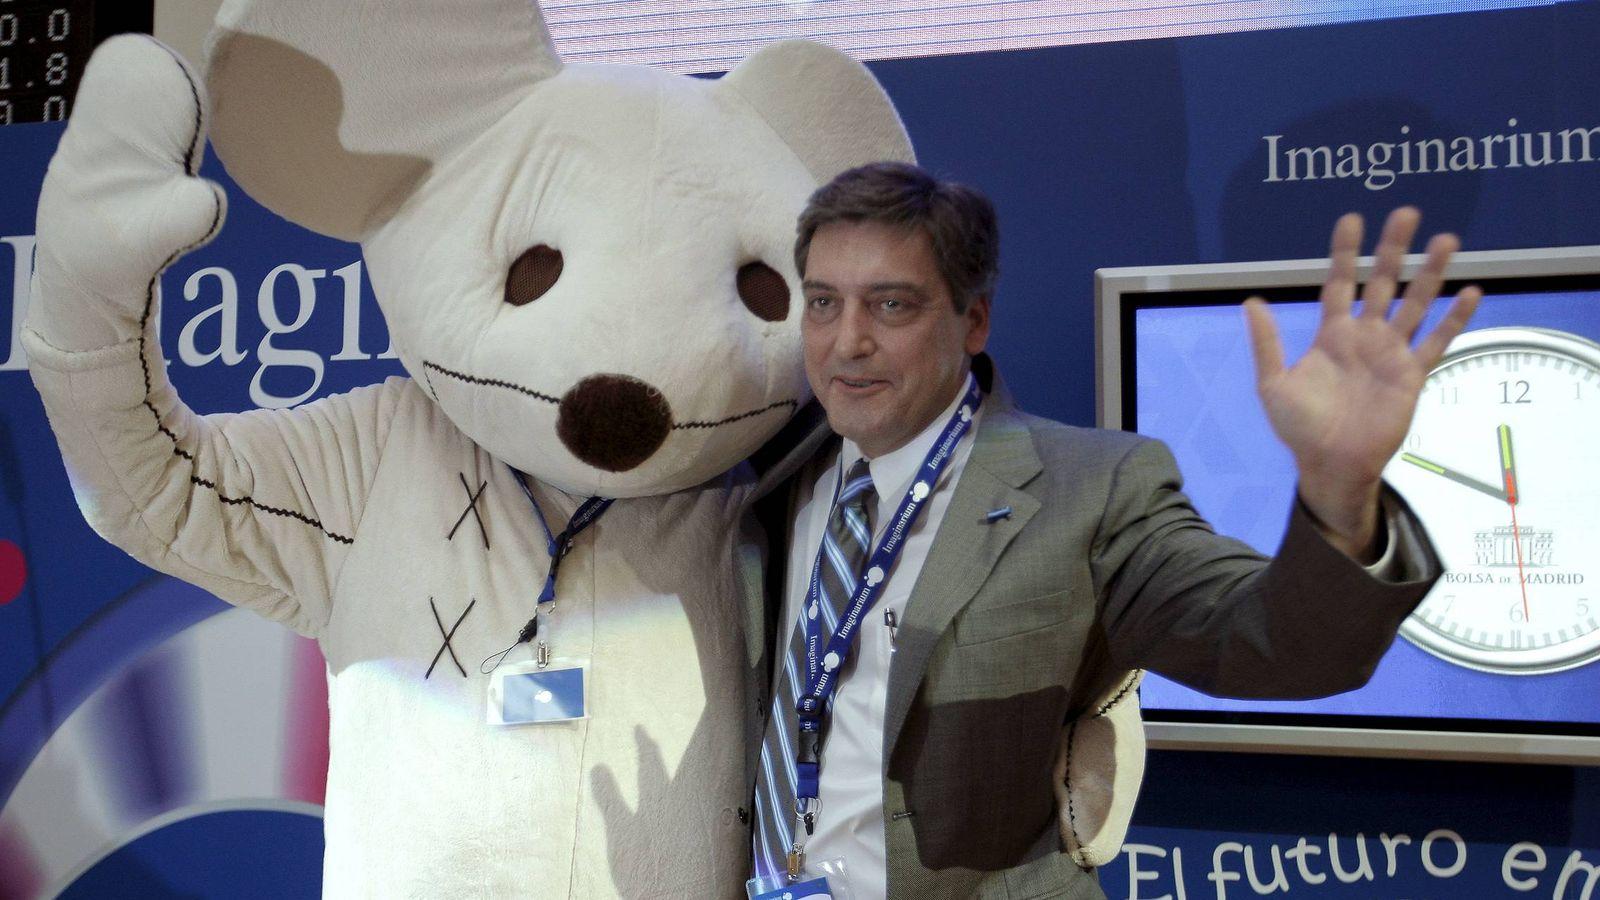 Foto: El presidente de Imaginarium, multinacional española especializada en juegos educativos, Félix Tena. (EFE)